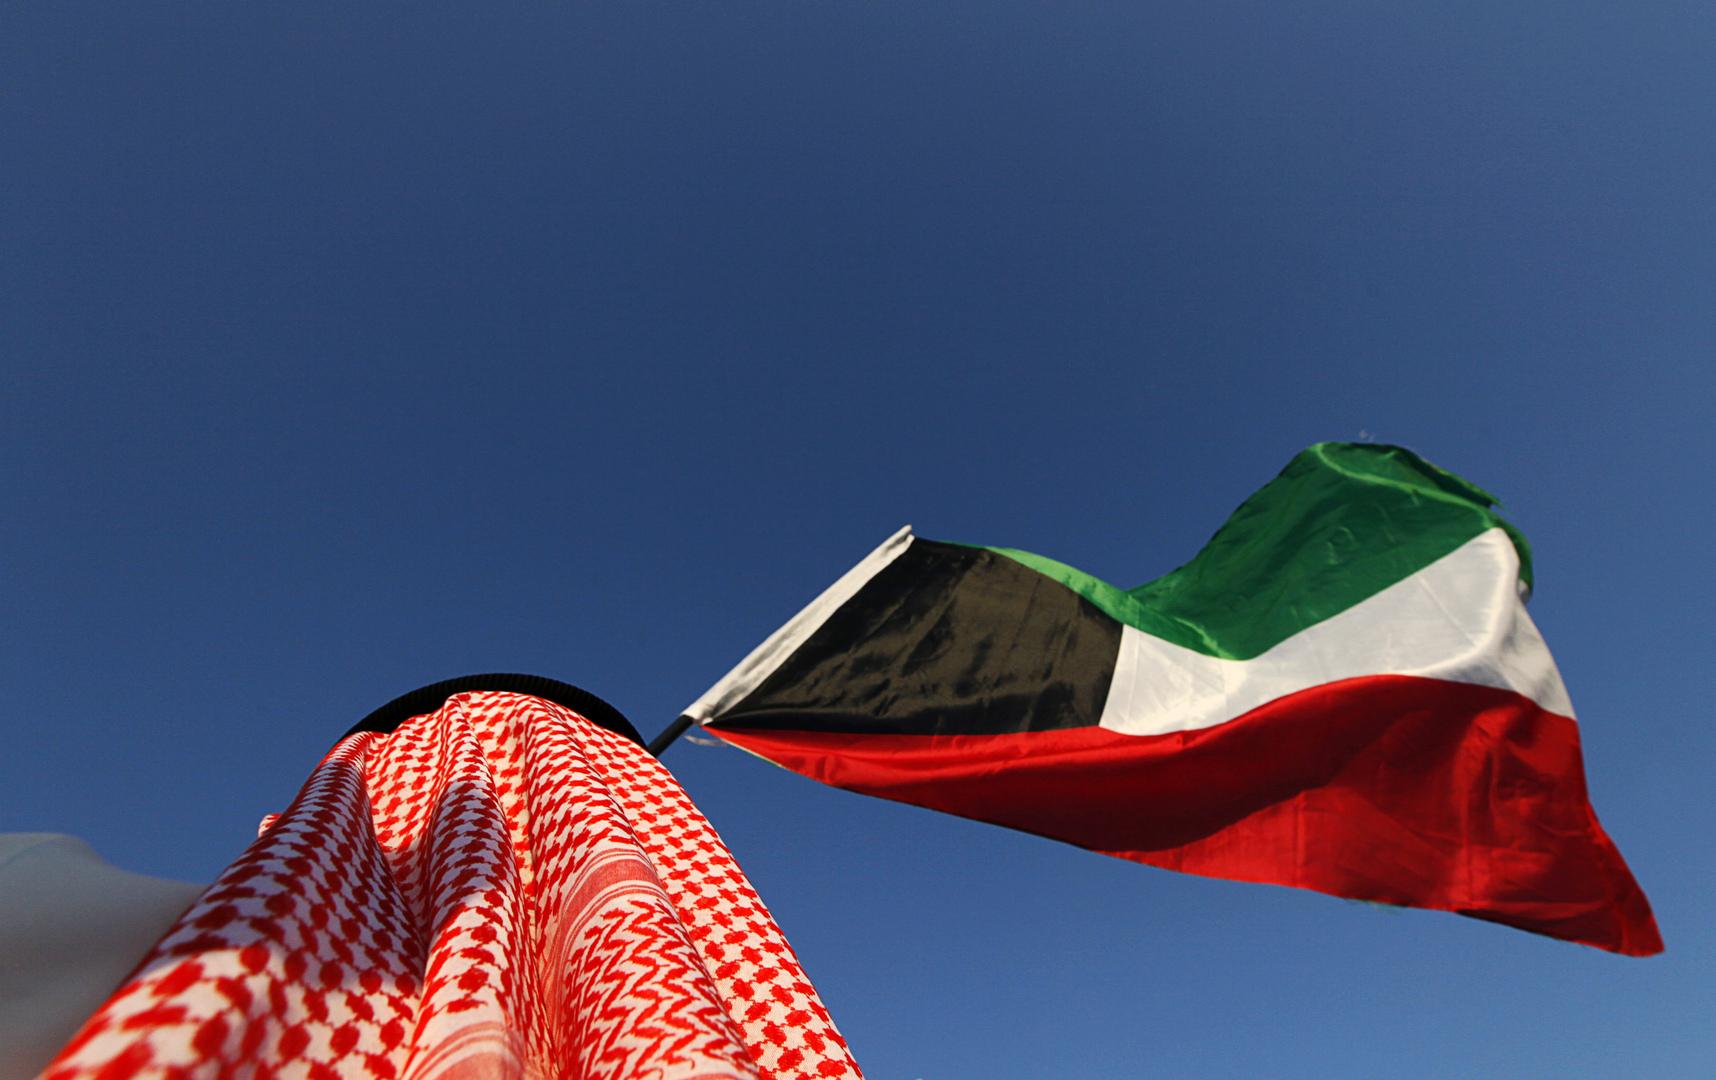 مجلس الوزراء الكويتي: 12.1 مليار دينار العجز المتوقع في ميزانية الدولة 2021-2022